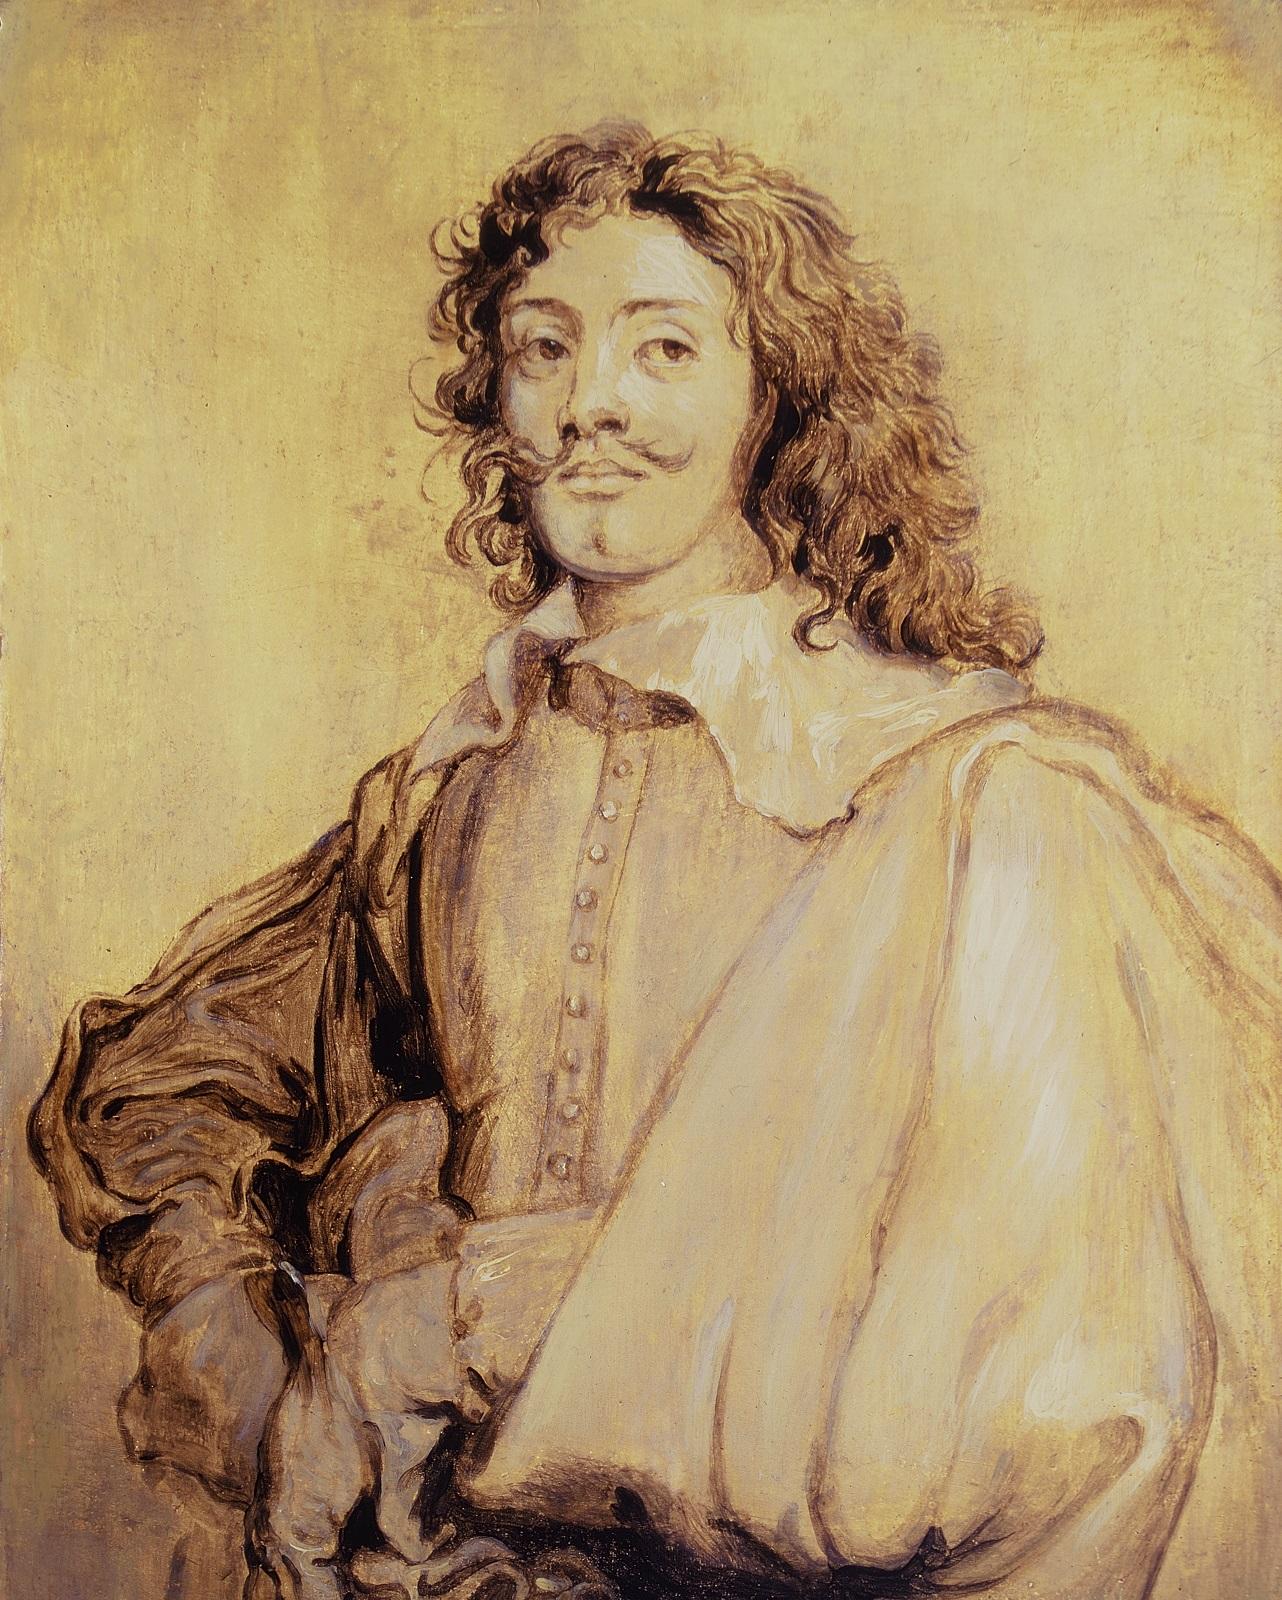 Adriaen Brouwer (1605/6-1638)